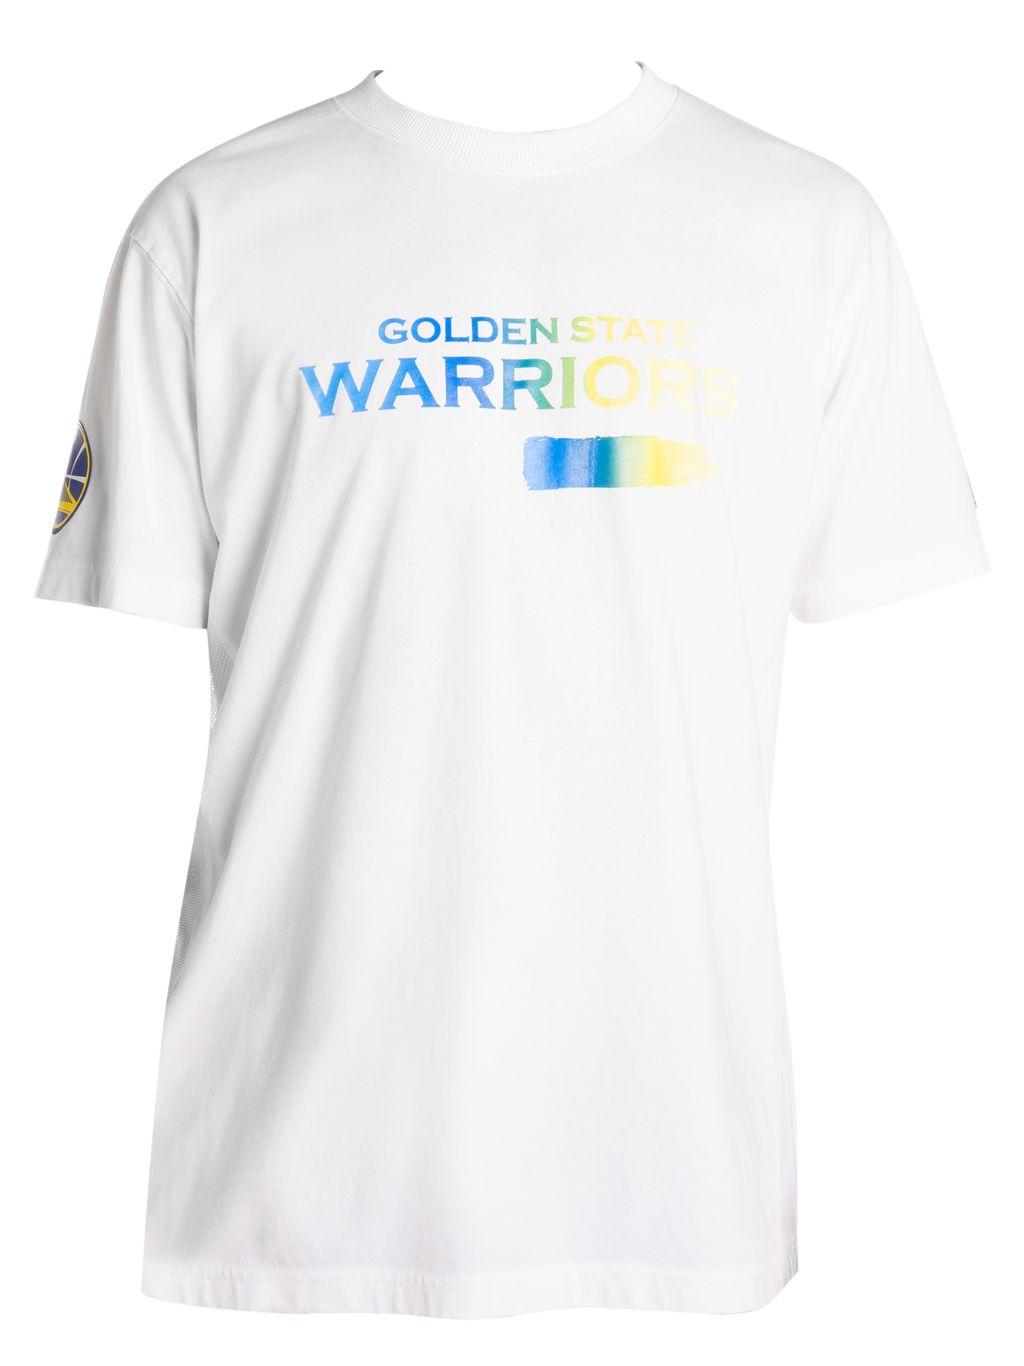 Marcelo Burlon Golden State Warriors Mesh Graphic Tee